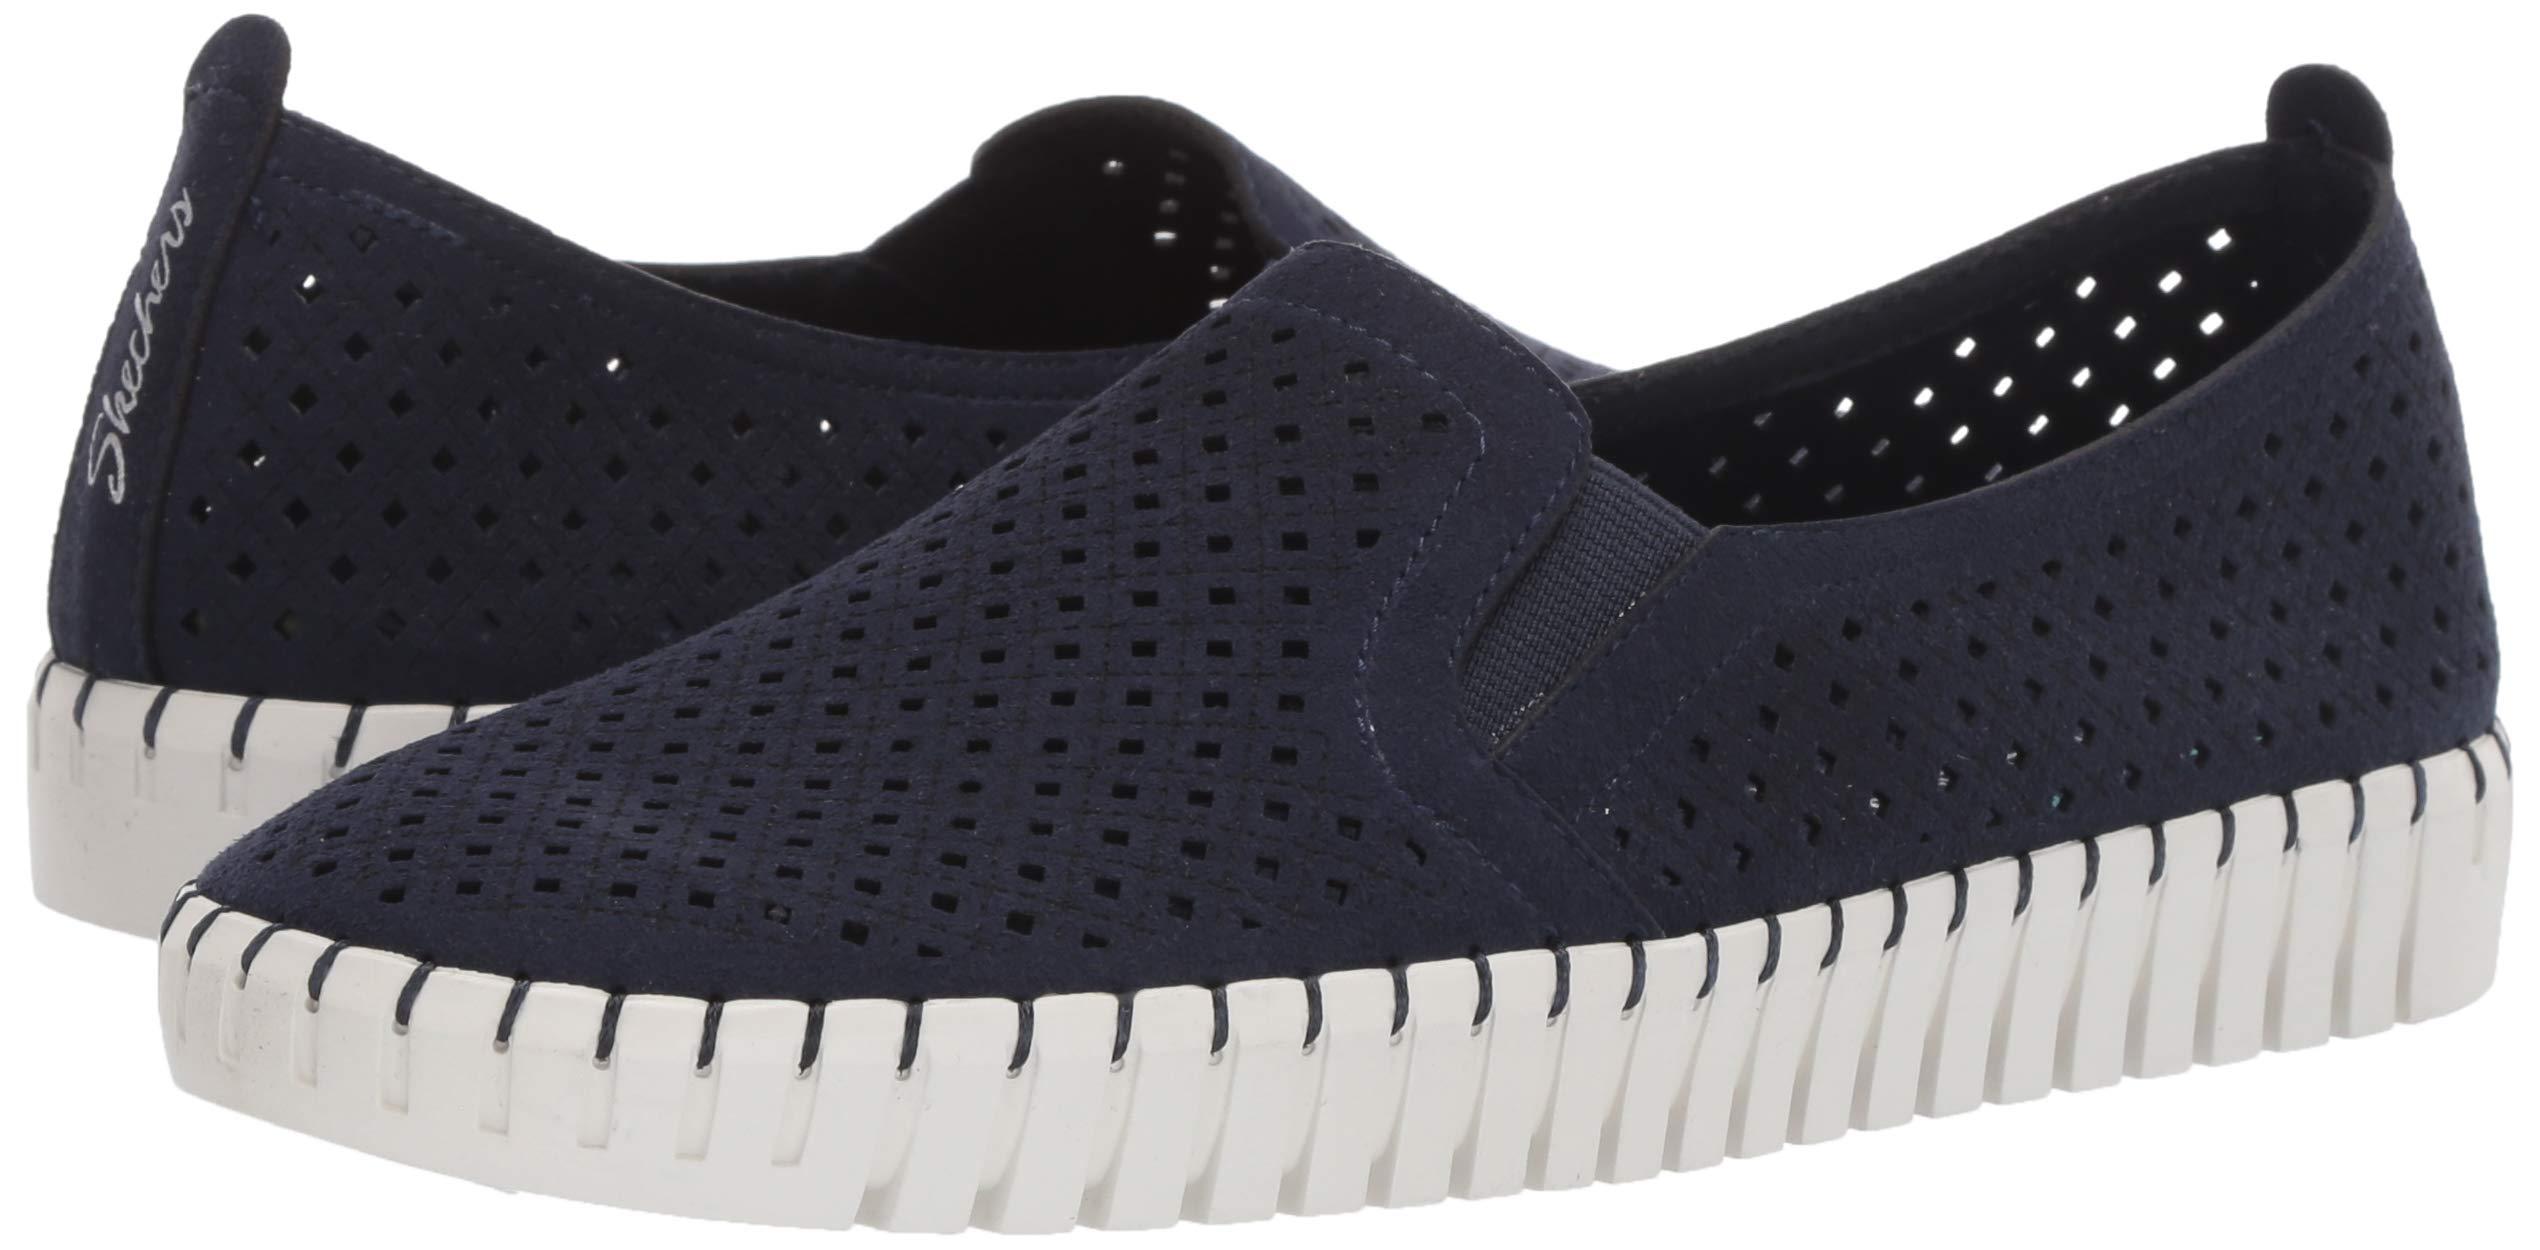 Details about Skechers Women's Sepulveda BLVD A La Mode Sneaker Choose SZcolor